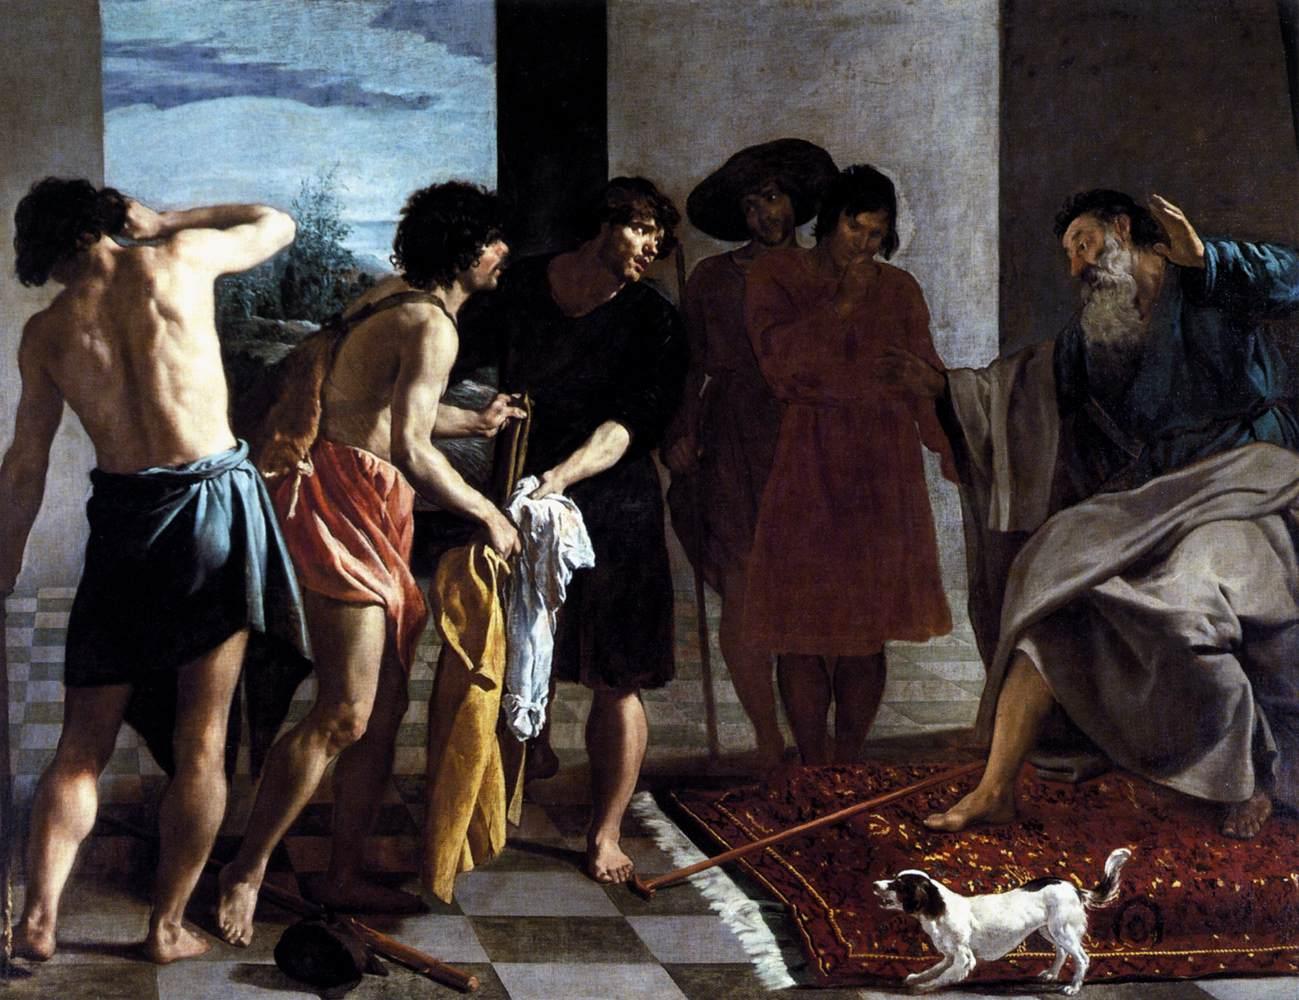 요셉의 피 묻은 겉옷을 야곱에게 가져감 (디에고 벨라스케스)